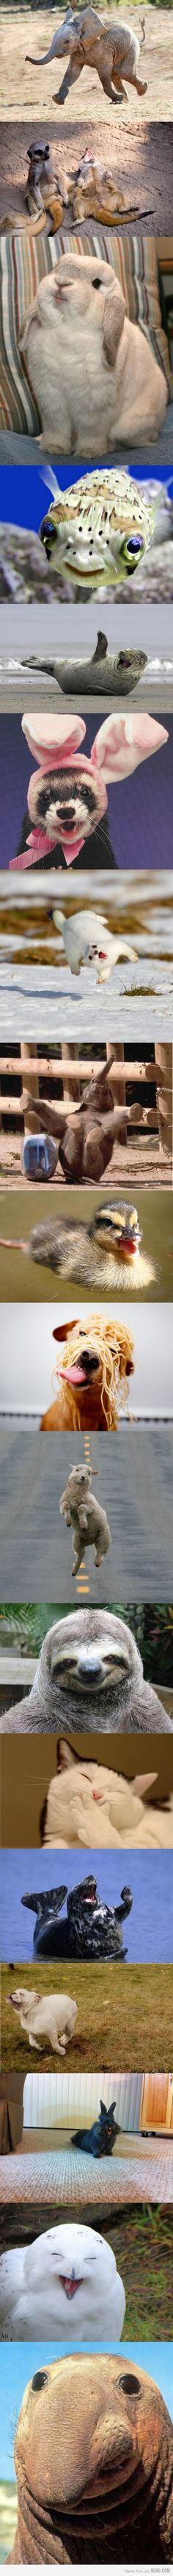 Happy animals :-)